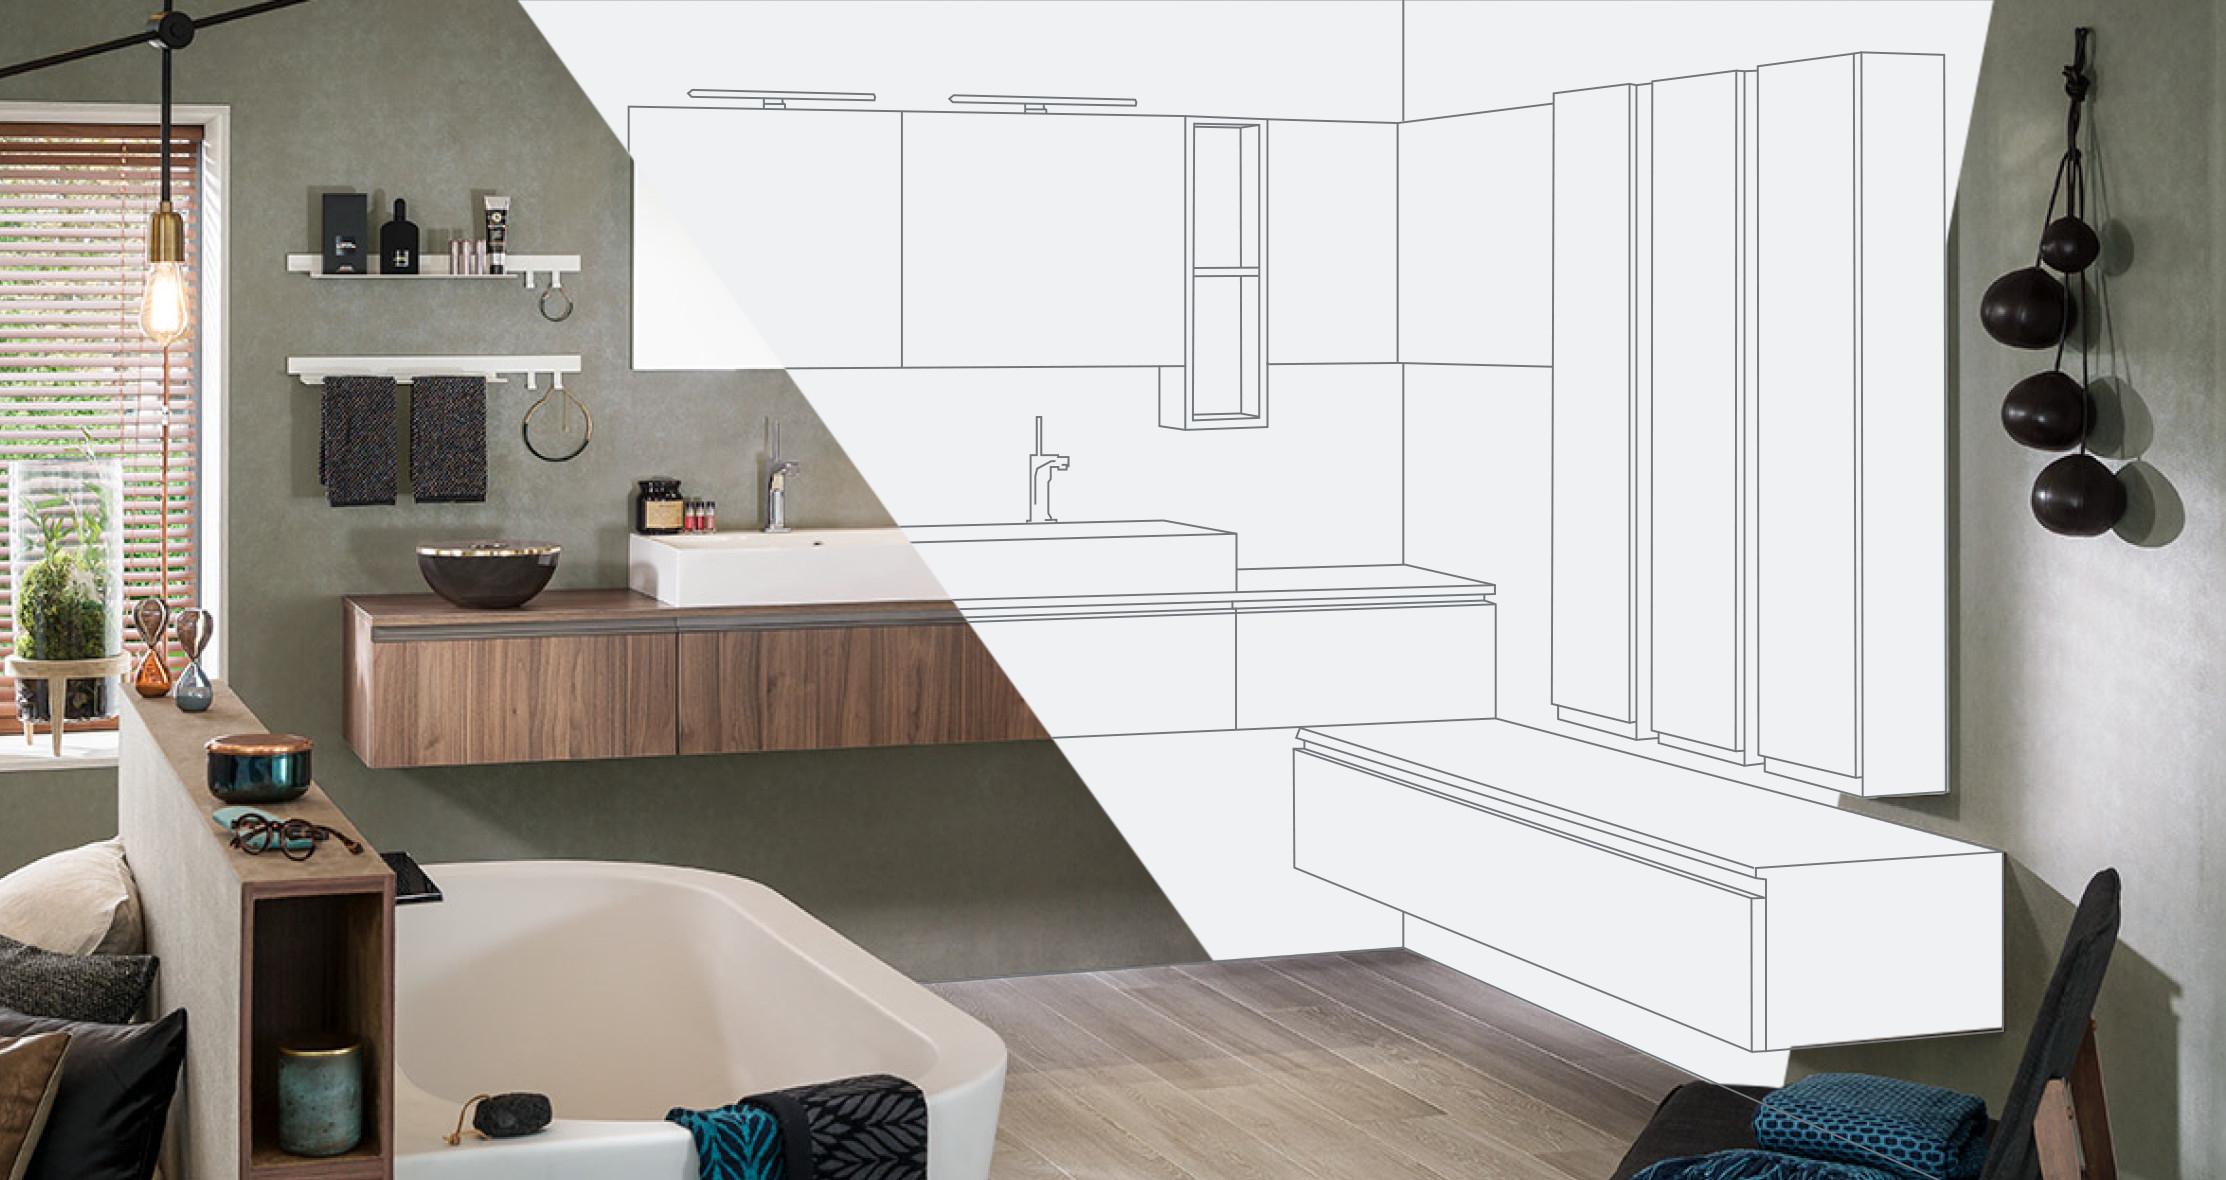 Configurateur 3D : Concevoir Sa Salle De Bain En Ligne avec Créer Sa Salle De Bain